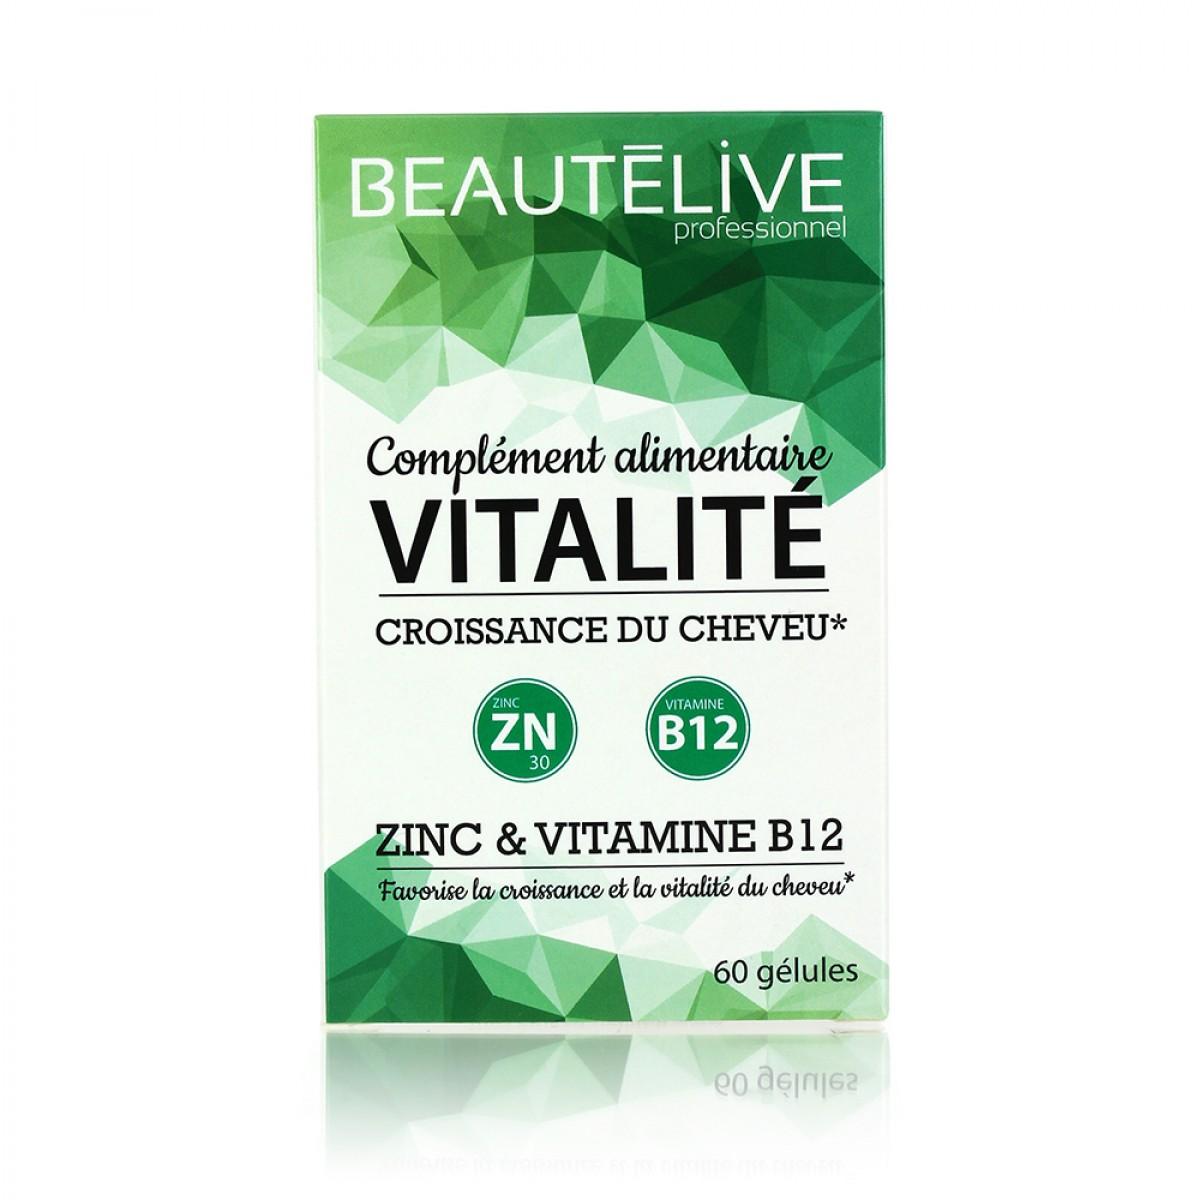 Compléments alimentaire vitalité et croissance du cheveu Beautélive